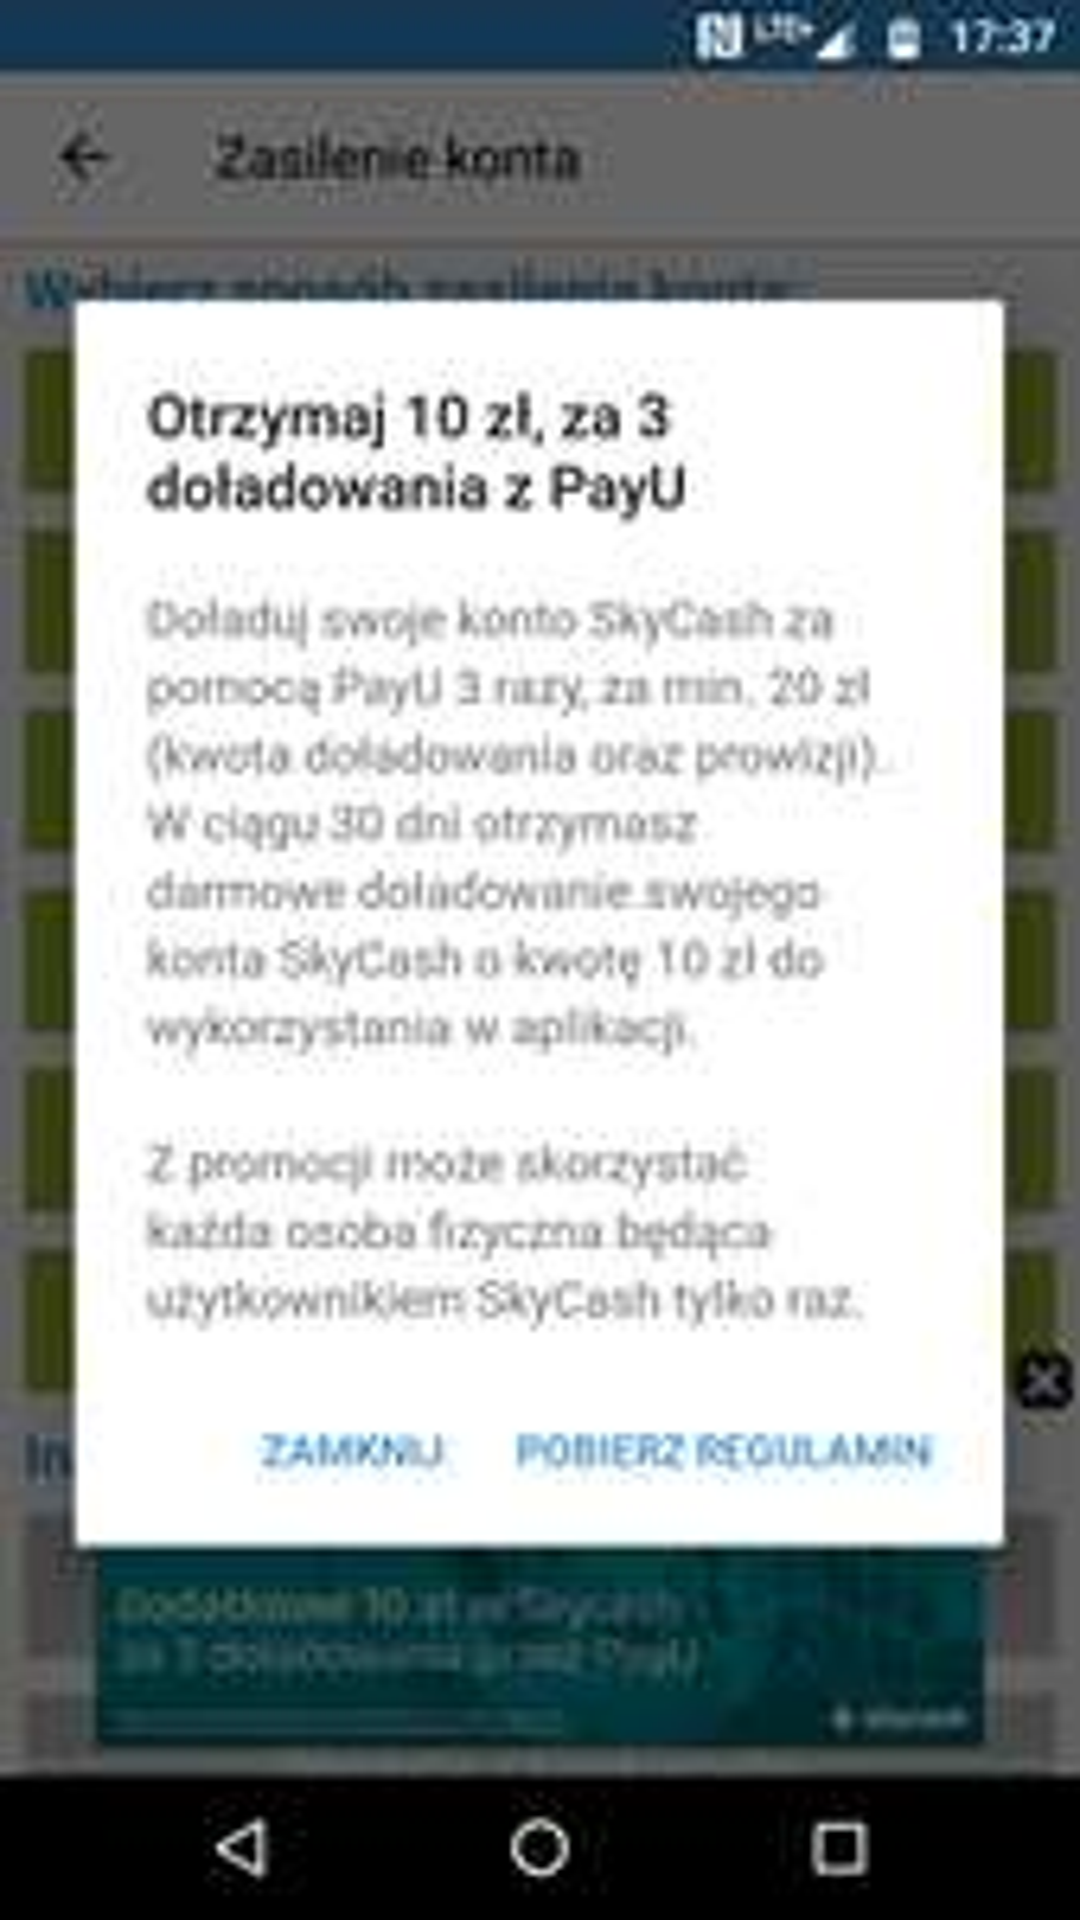 SkyCash - 10 zł za 3 doładowania